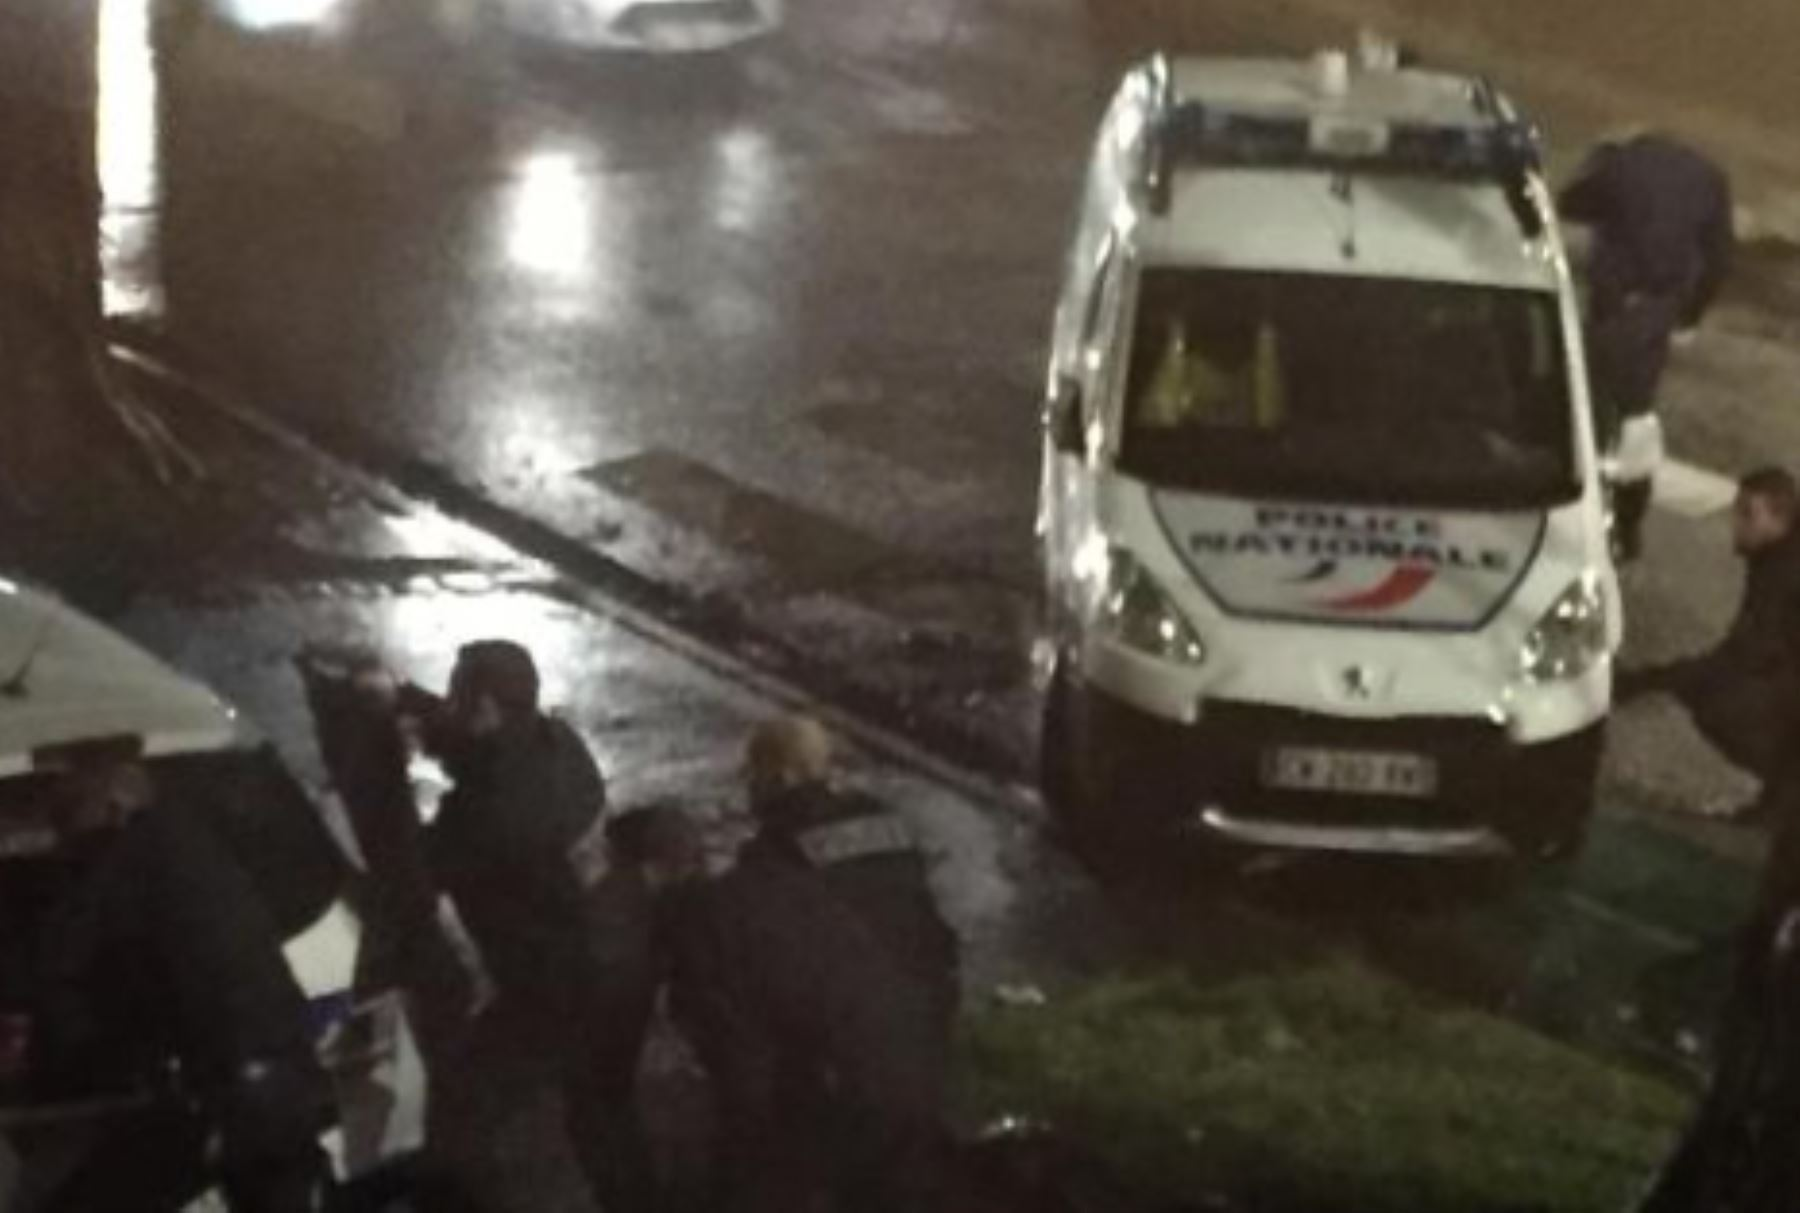 Hombres armados toman rehenes en la ciudad francesa de Roubaix. Foto: Twitter